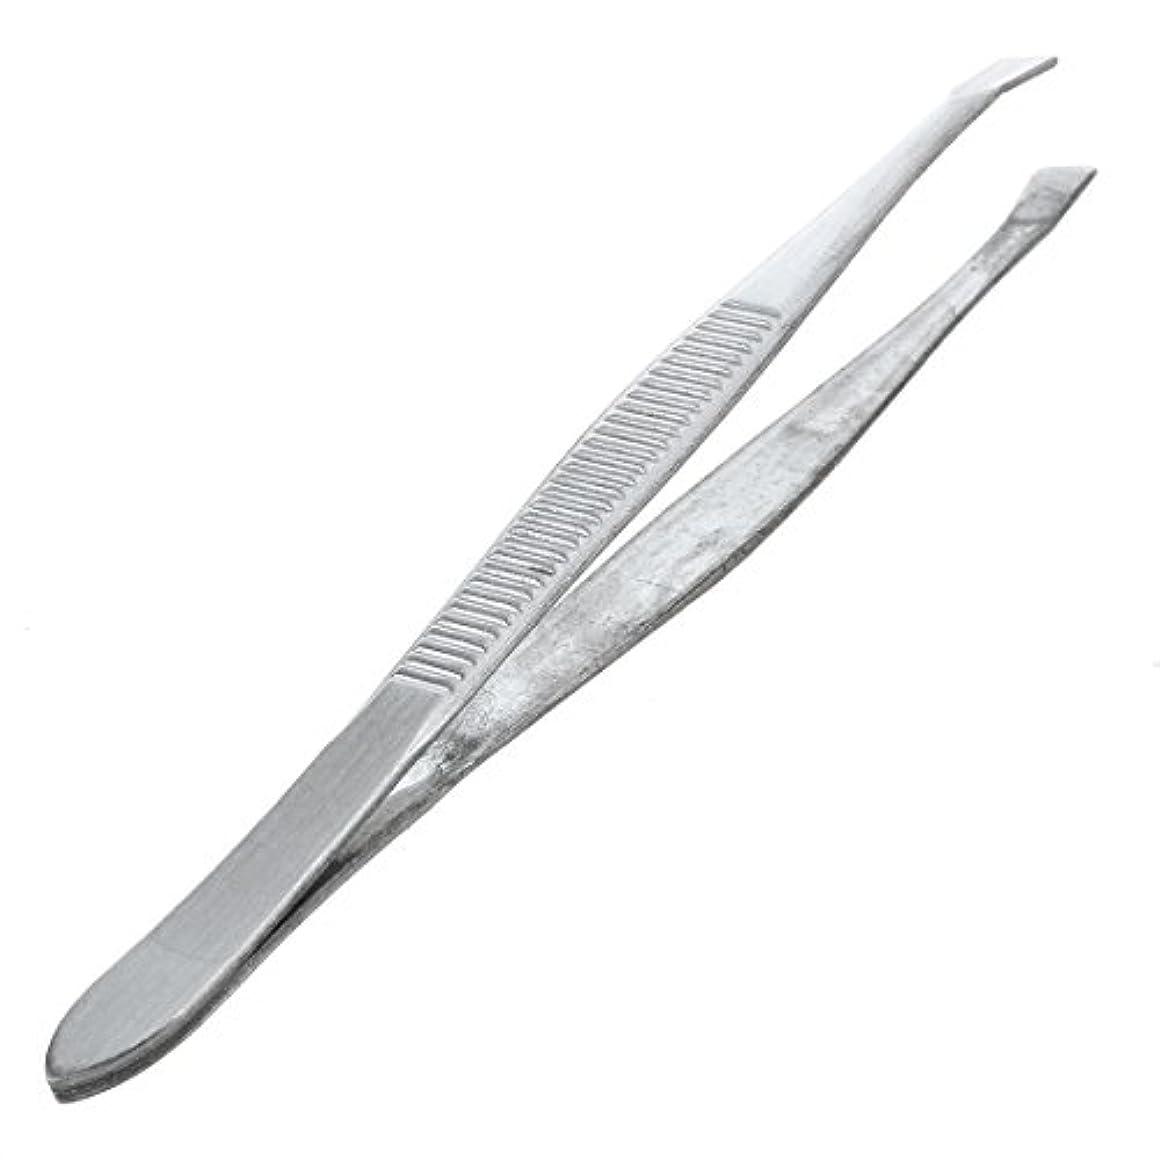 一貫したシャンパン地域のACAMPTAR 眉毛ピンセット 脱毛チップ 炭素鋼 傾斜 9cm シルバーカラー